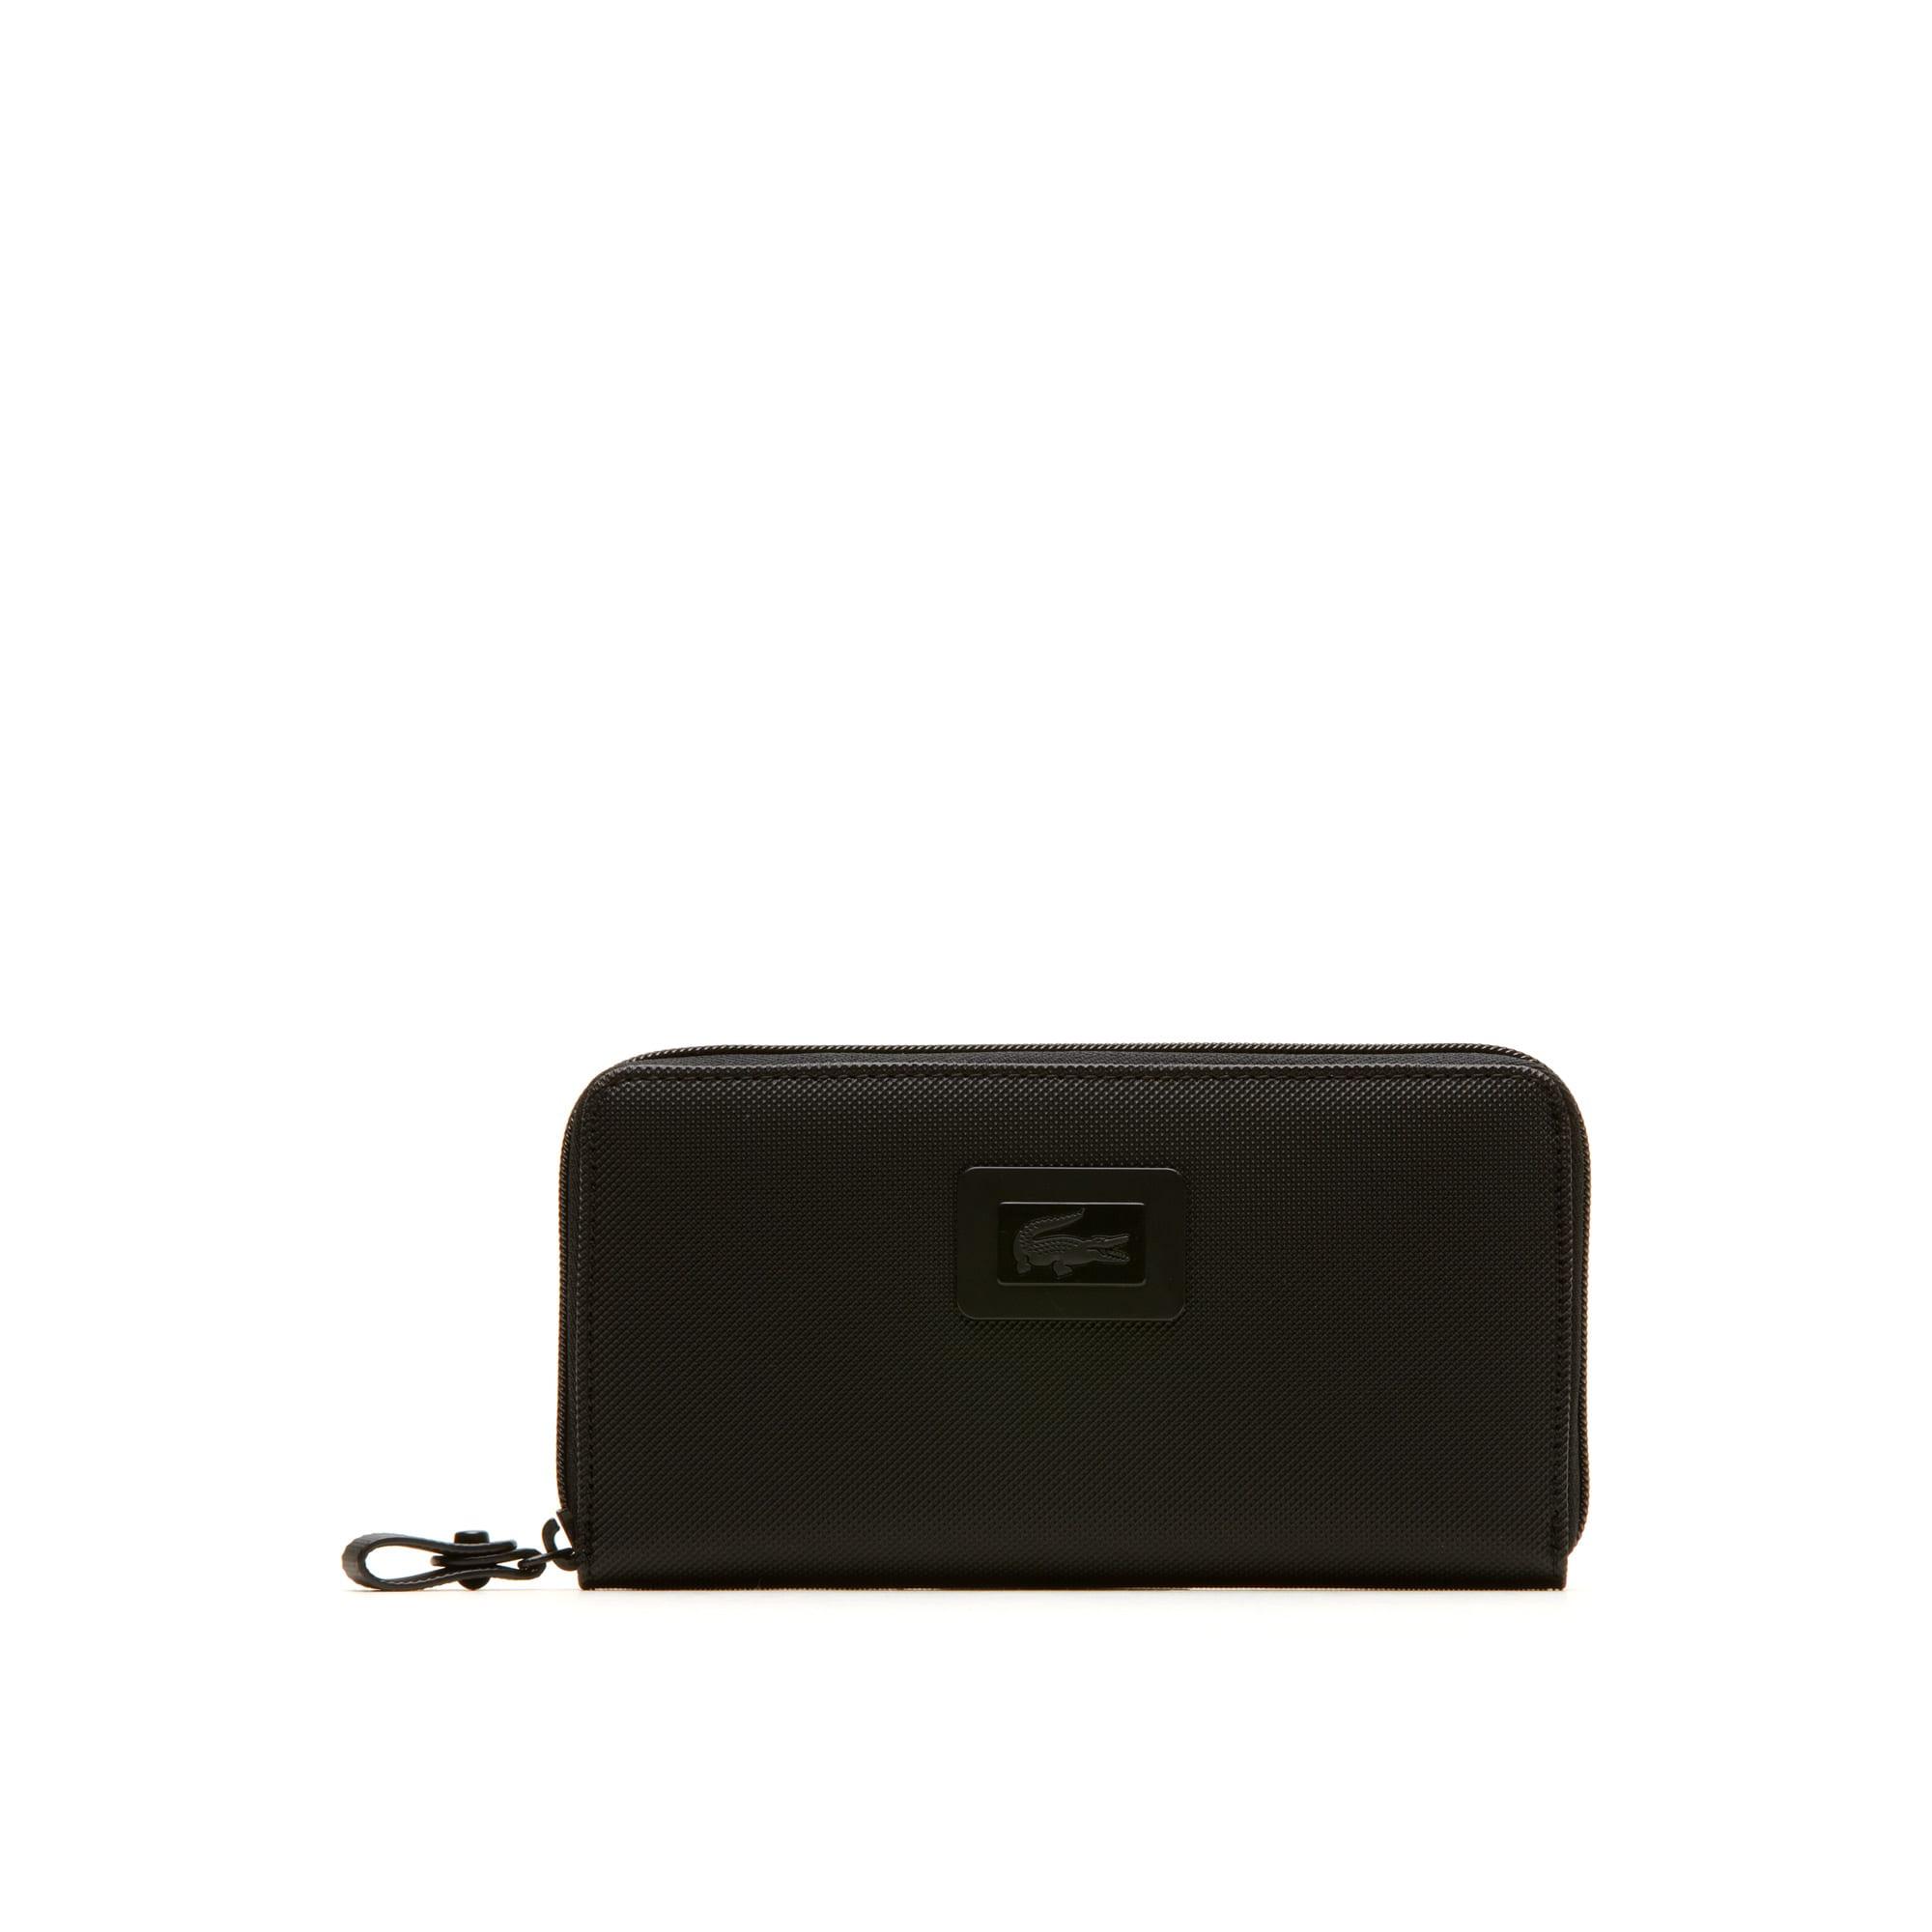 Women's Classic Monochrome Twelve-Card Zip Wallet